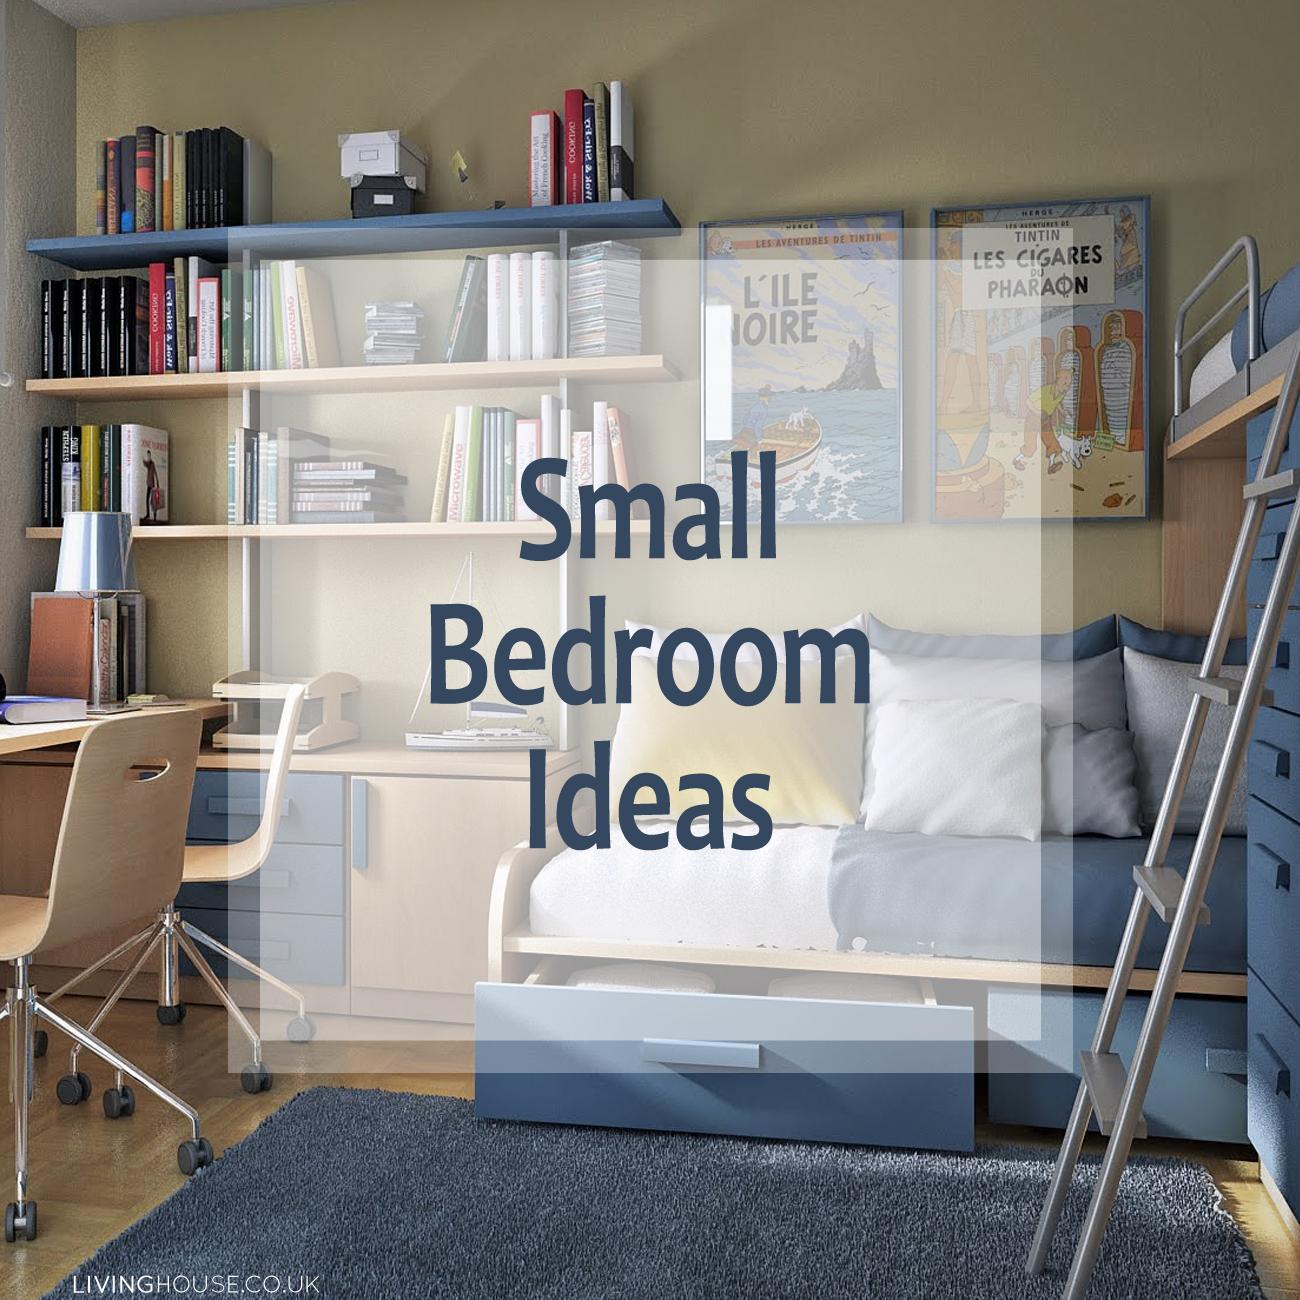 Small Bedroom Ideas - LivinghouseLivinghouse on Small Bathroom Ideas Uk id=14609